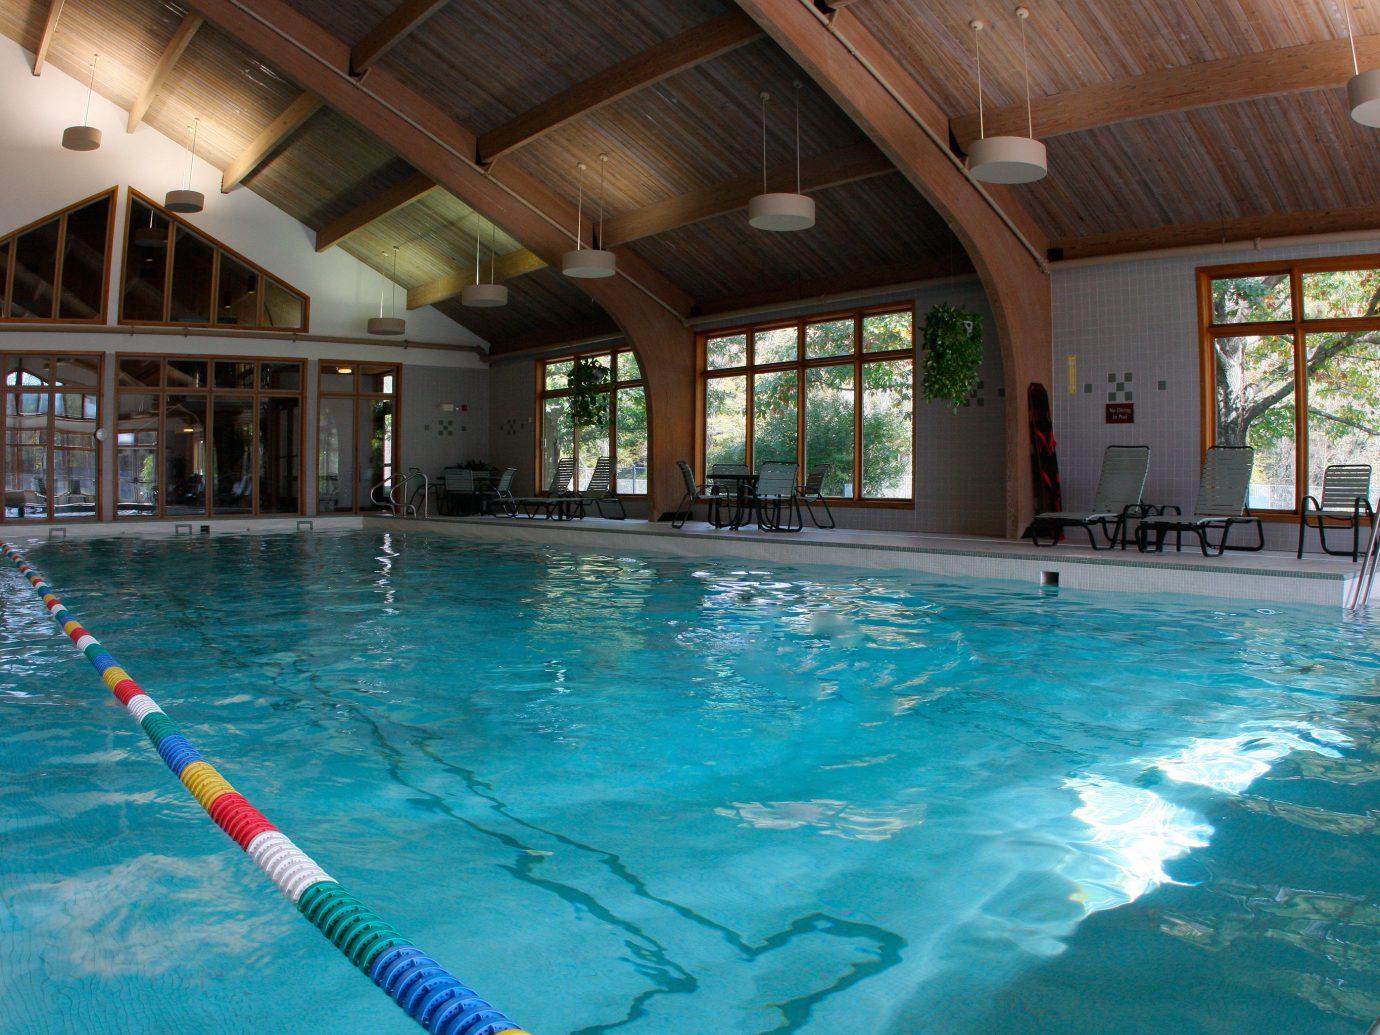 Country Inn Pool Resort Weekend Getaways Wellness water leisure swimming pool indoor leisure centre estate blue swimming